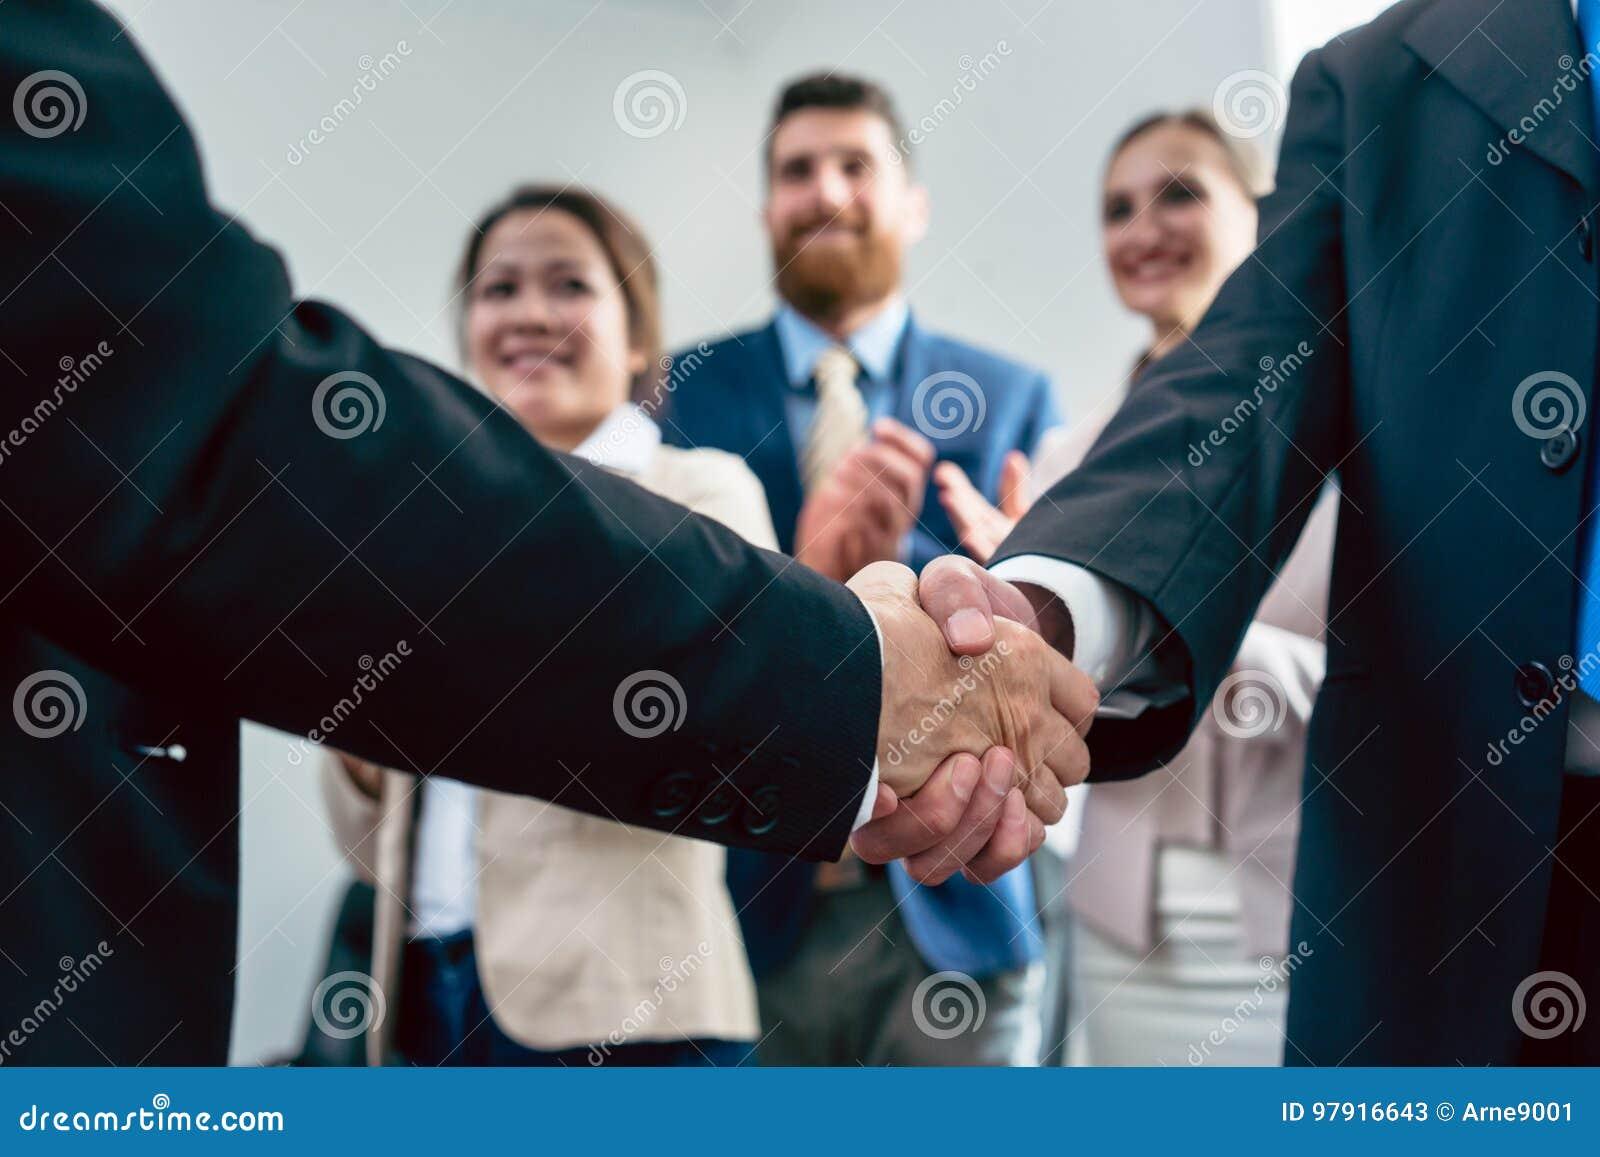 Nahaufnahme des Händedrucks von zwei Geschäftsleuten nach einer wichtigen Vereinbarung